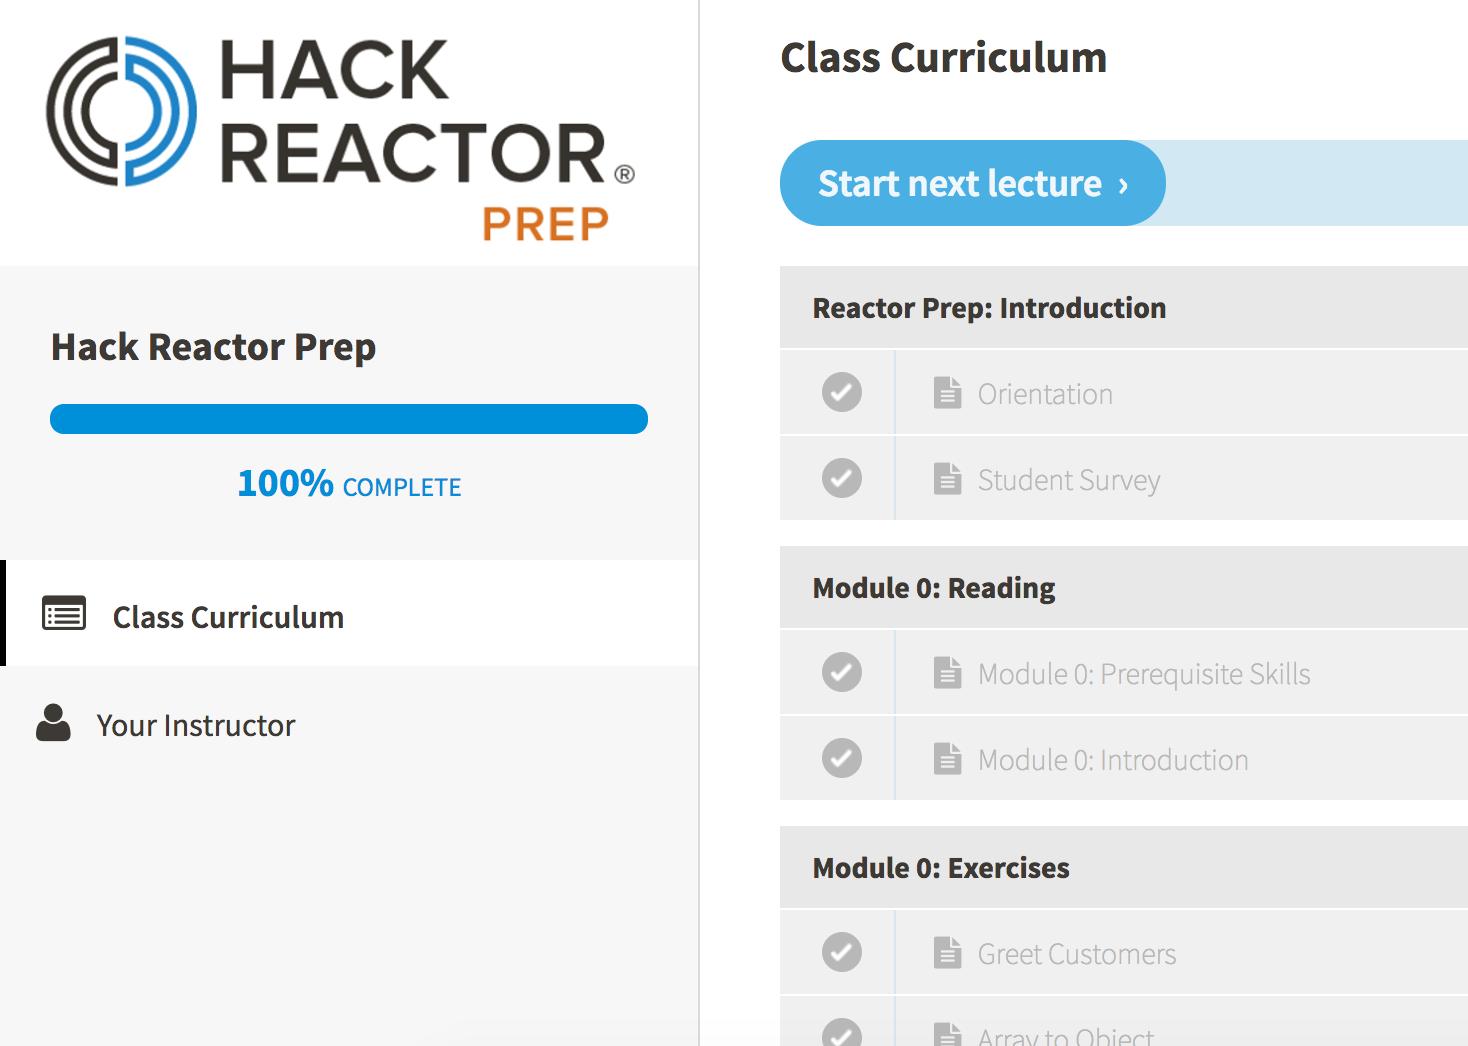 Hack Reactor Prep 100%